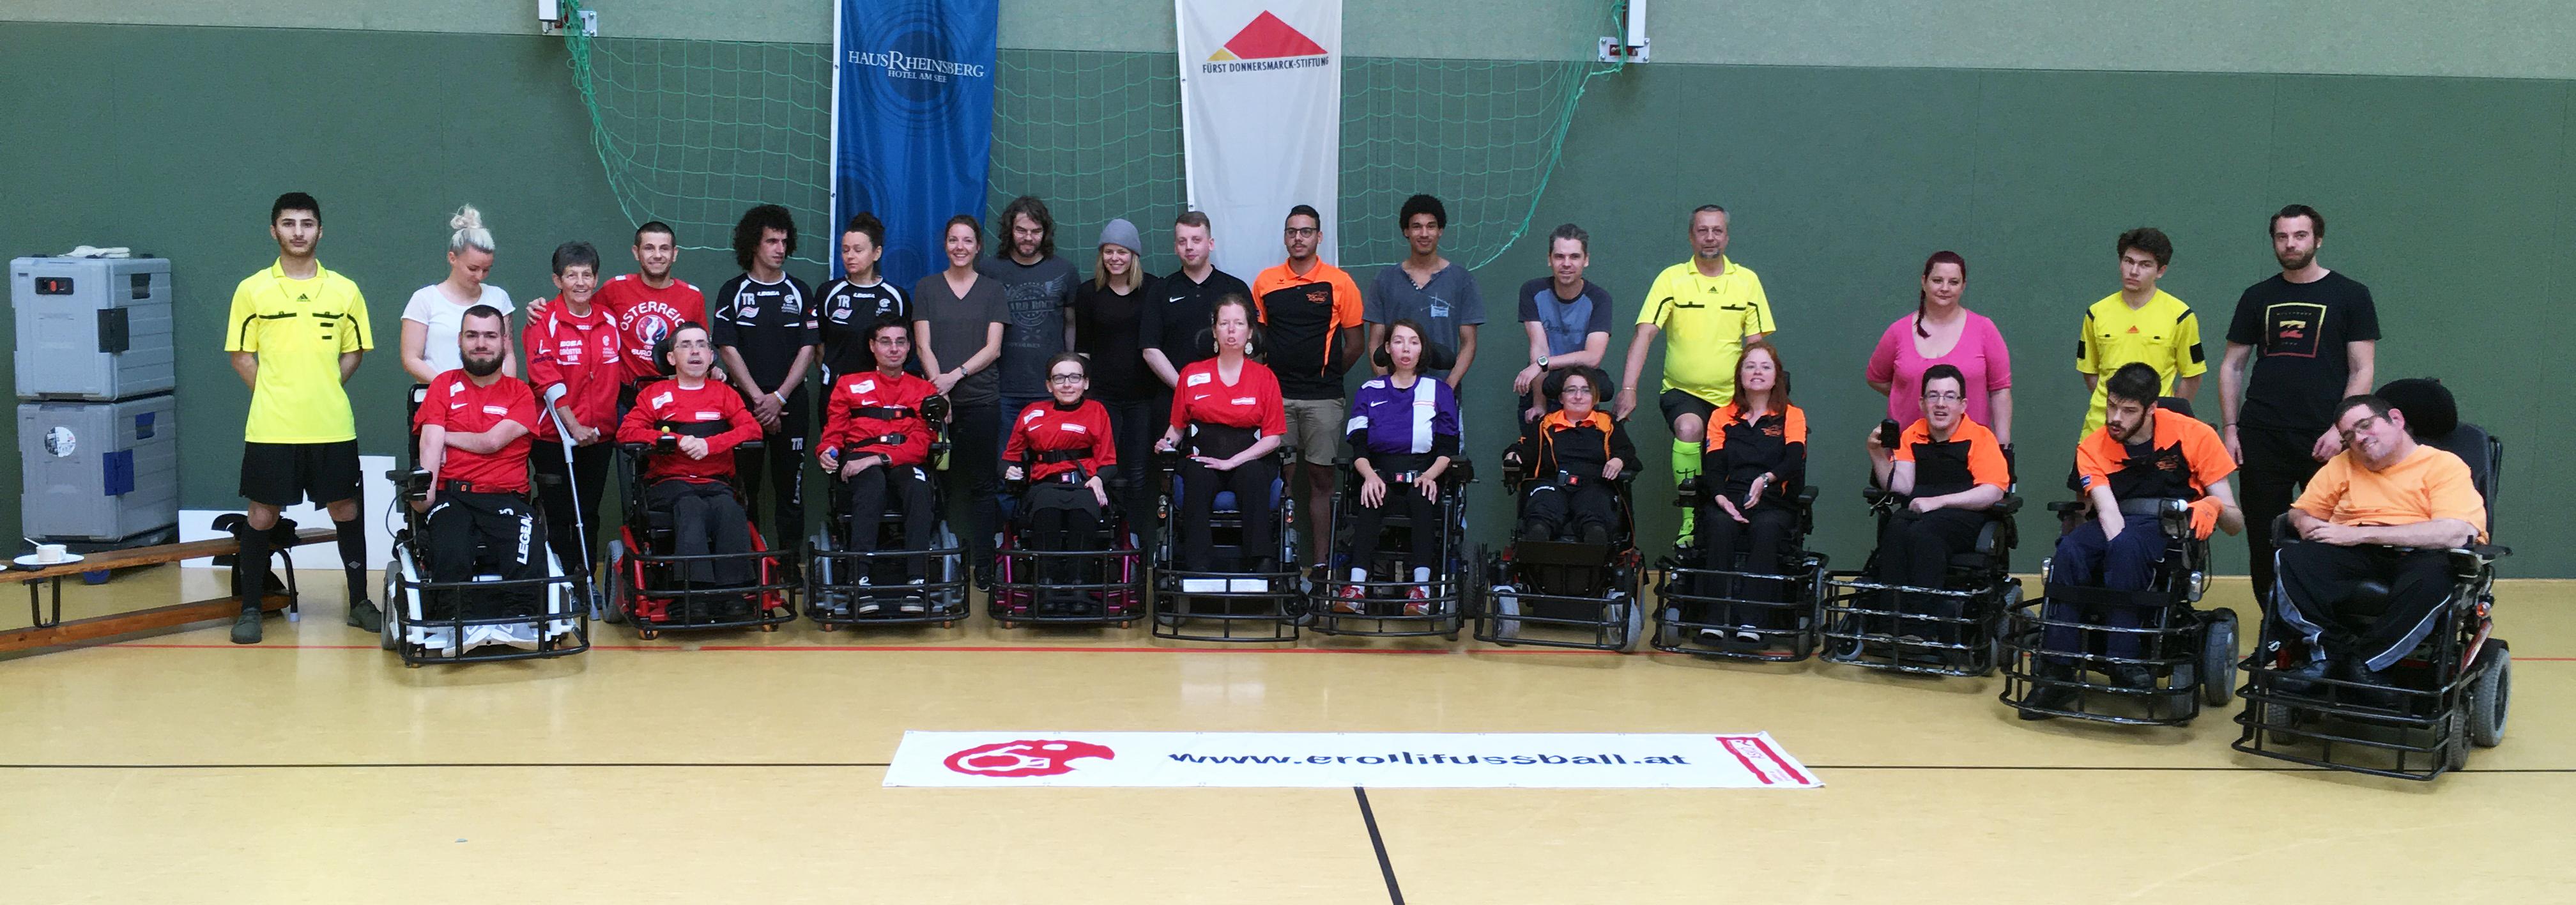 Teams aus Österreich beim 1. E-Rolli Fußball HausRheinsberg Cup 2017 / E-agles vom ASKÖ Wien und Steelchairs Linz vom RSC heindl OÖ